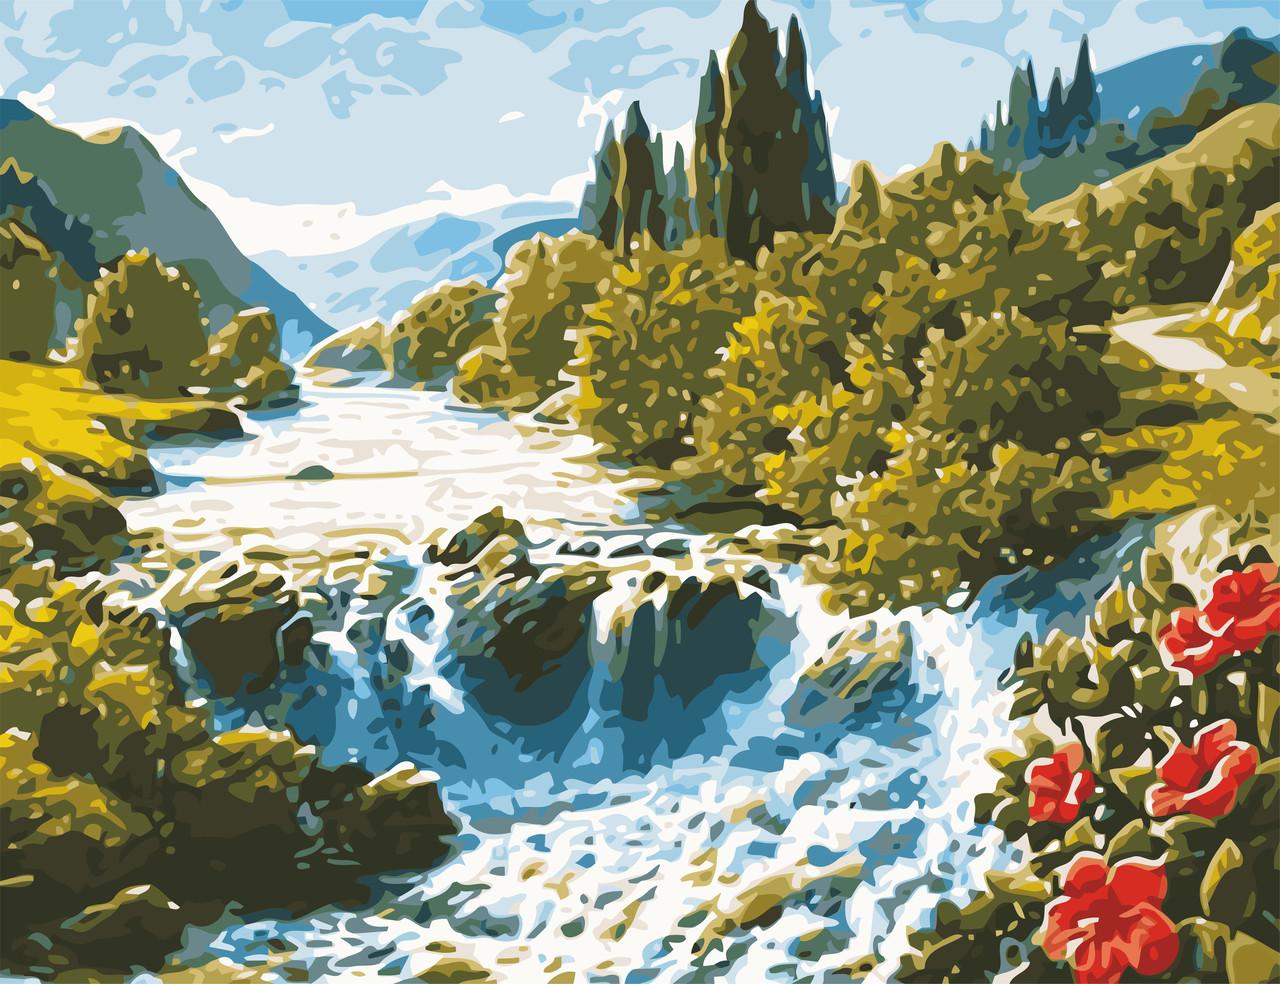 Художественный творческий набор, картина по номерам Волшебный водопад, 50x65 см, «Art Story» (AS0622)